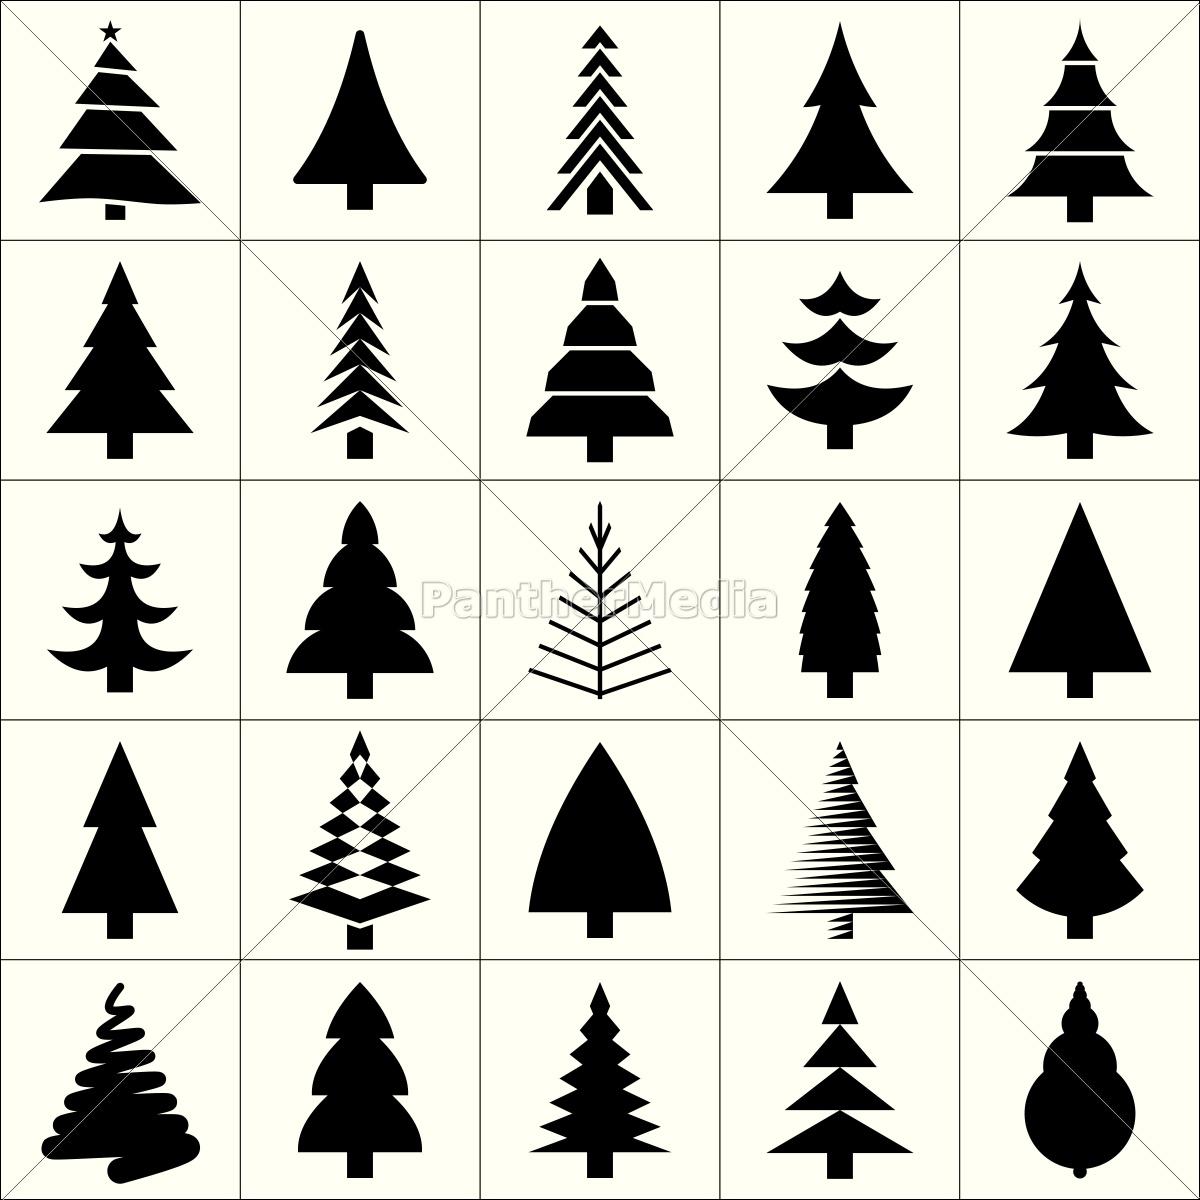 Lizenzfreie Vektorgrafik 12930164 Weihnachtsbaum Silhouette Design Vektor